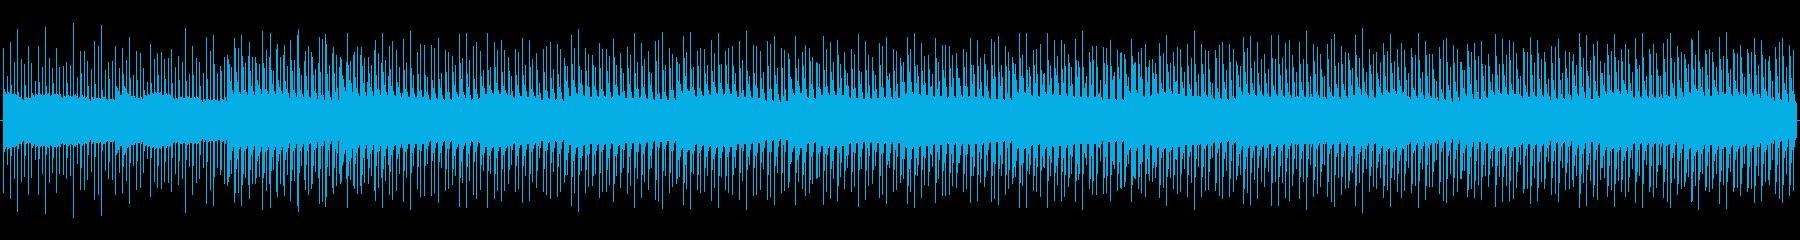 企業向けシンプルでクリーンなギターポップの再生済みの波形